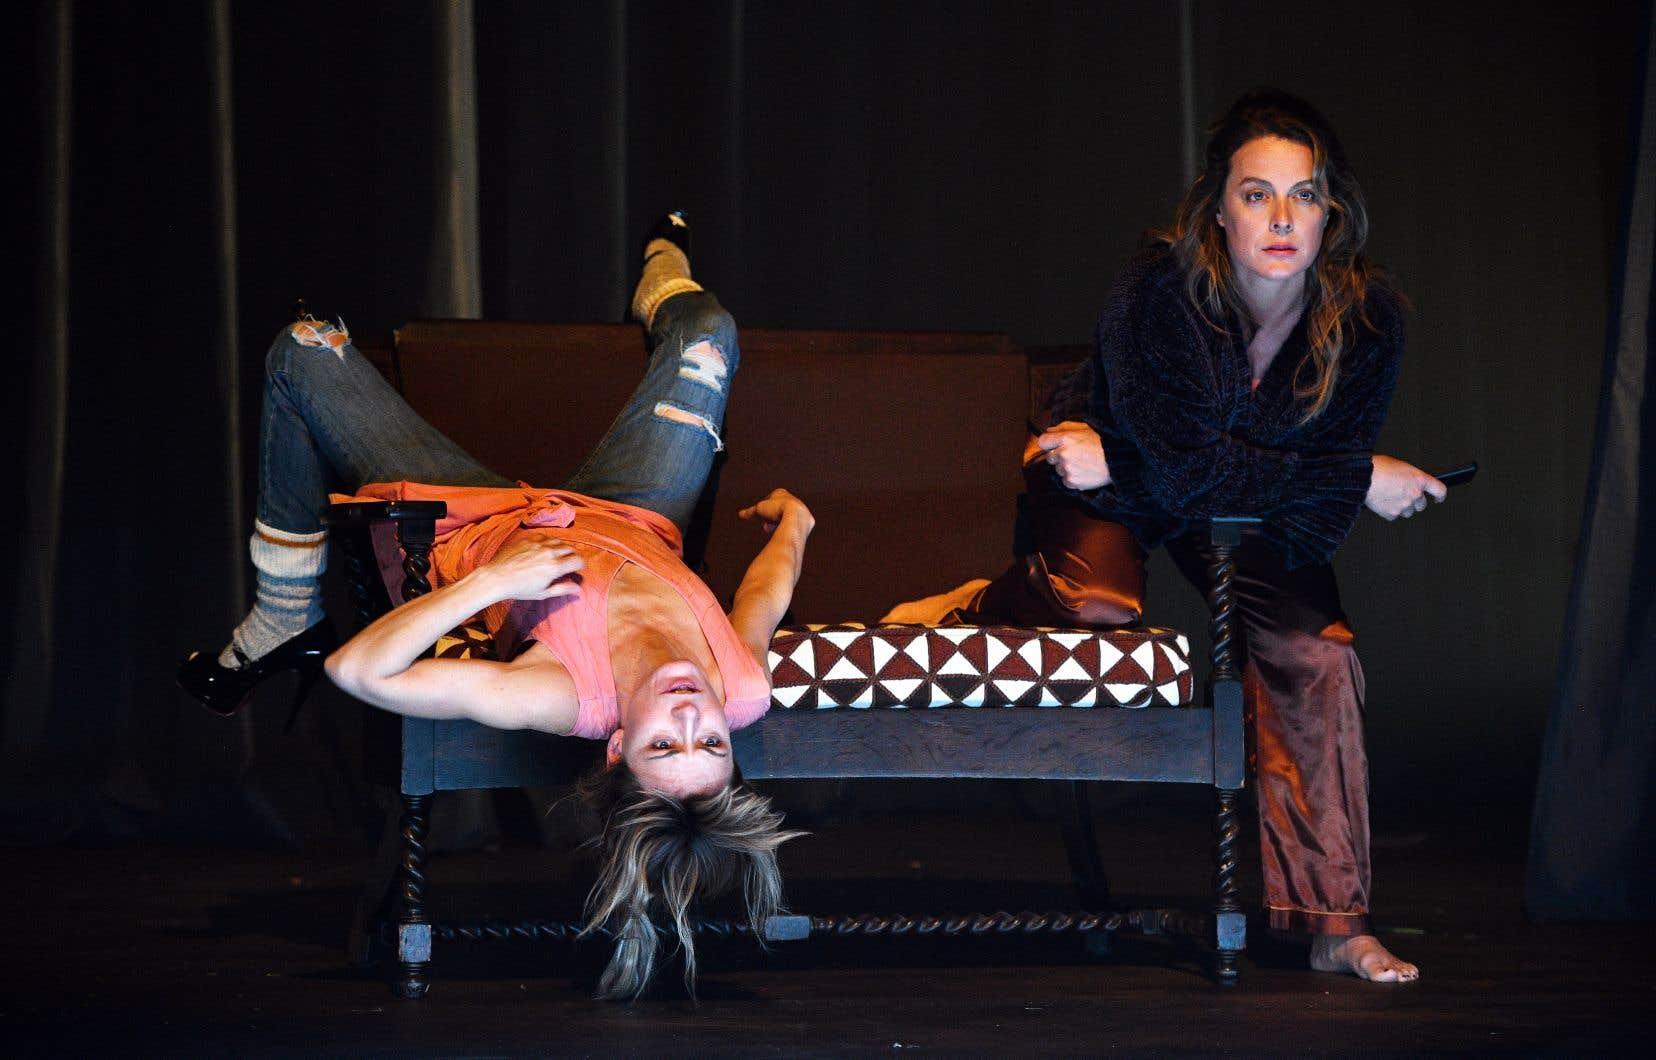 Chez sa sœur Flo (Evelyne Rompré), Lili (Julie Le Breton) met à jour des manques vertigineux, des vides à combler.